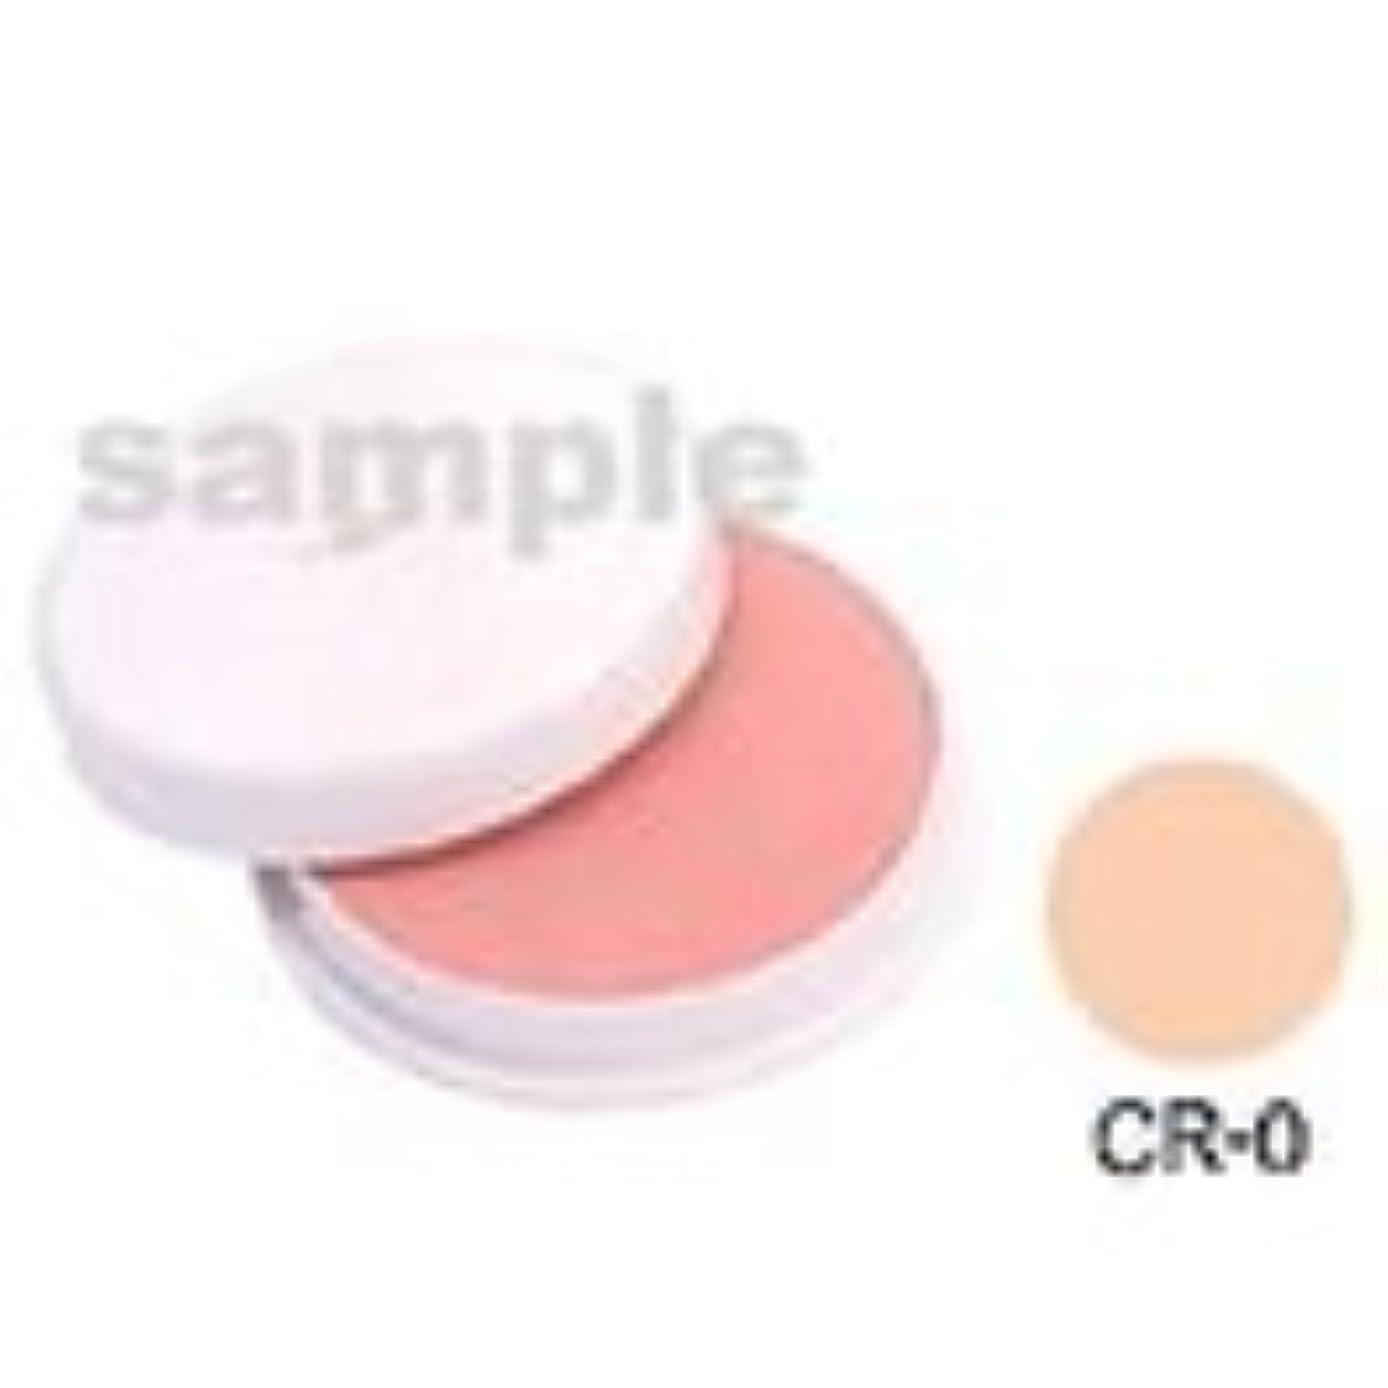 ラフ睡眠仕方効果的に三善 フェースケーキ CR-0